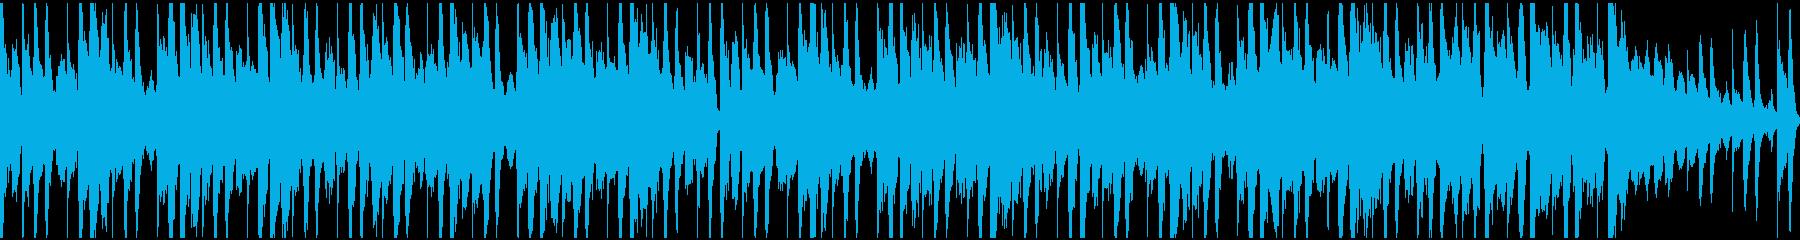 穏やかなジャジー・ヒップホップ ループの再生済みの波形